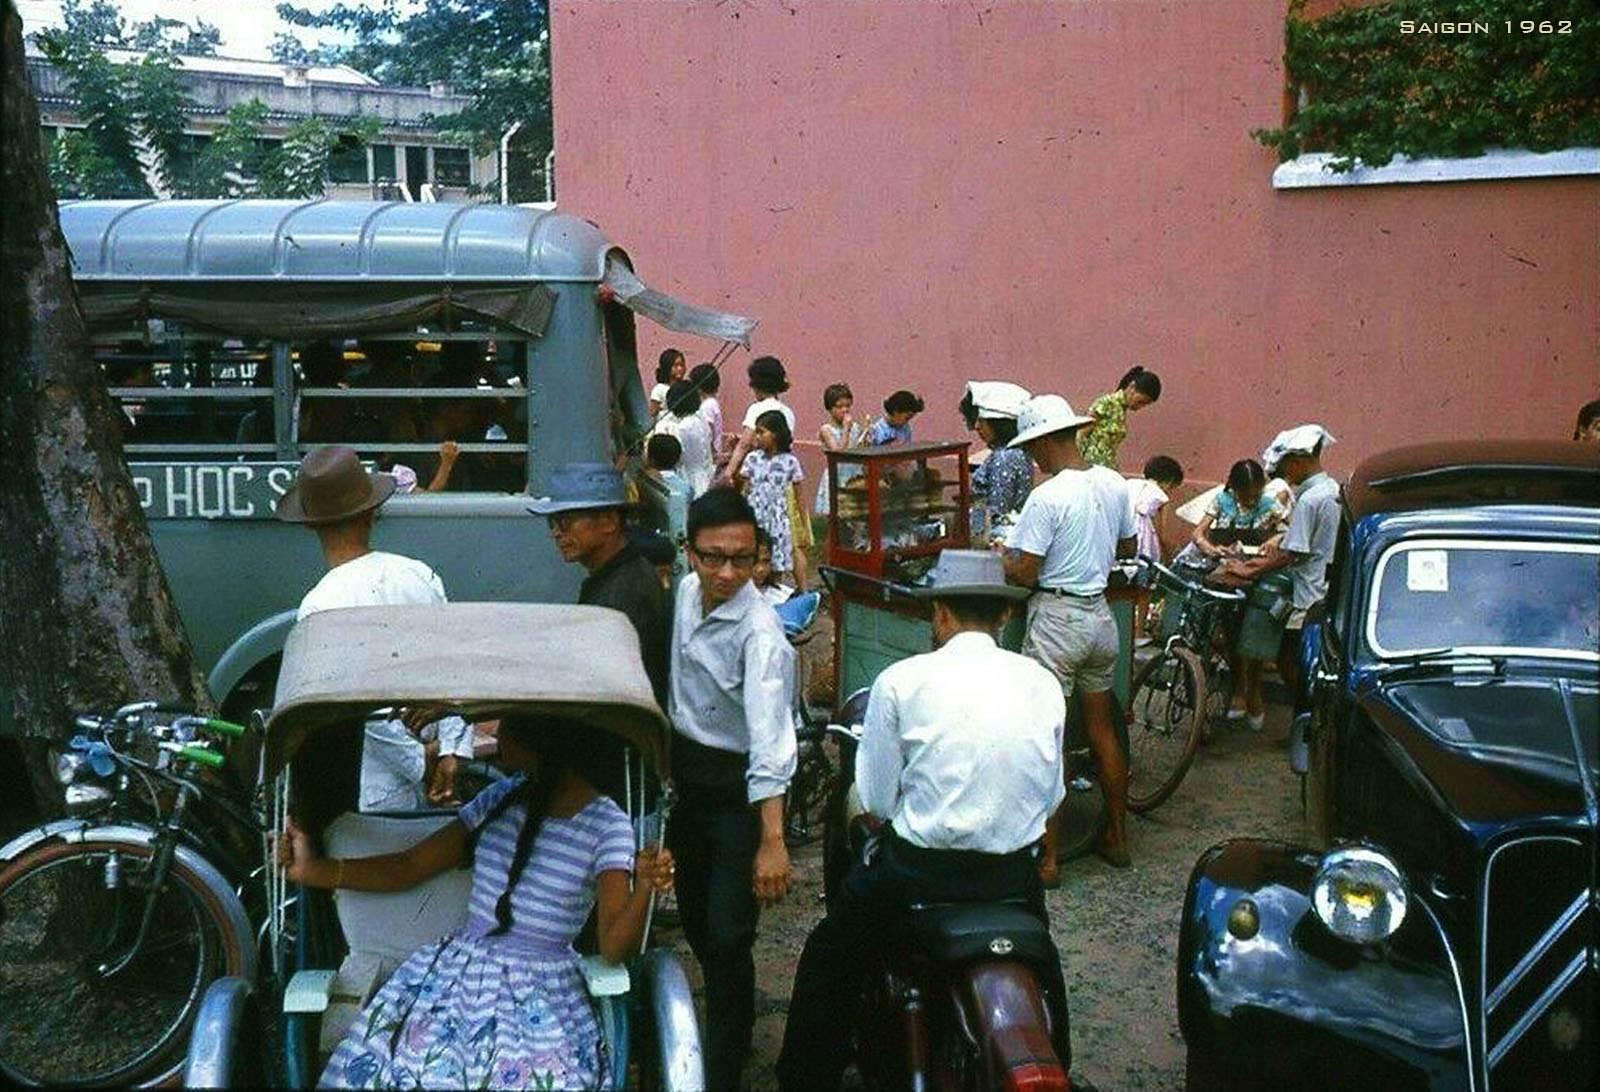 Giờ tan trường của Trường Colette tại góc Hồ Xuân Hương-Nguyễn Thông (hình chụp từ bên phía đường Nguyễn Thông)